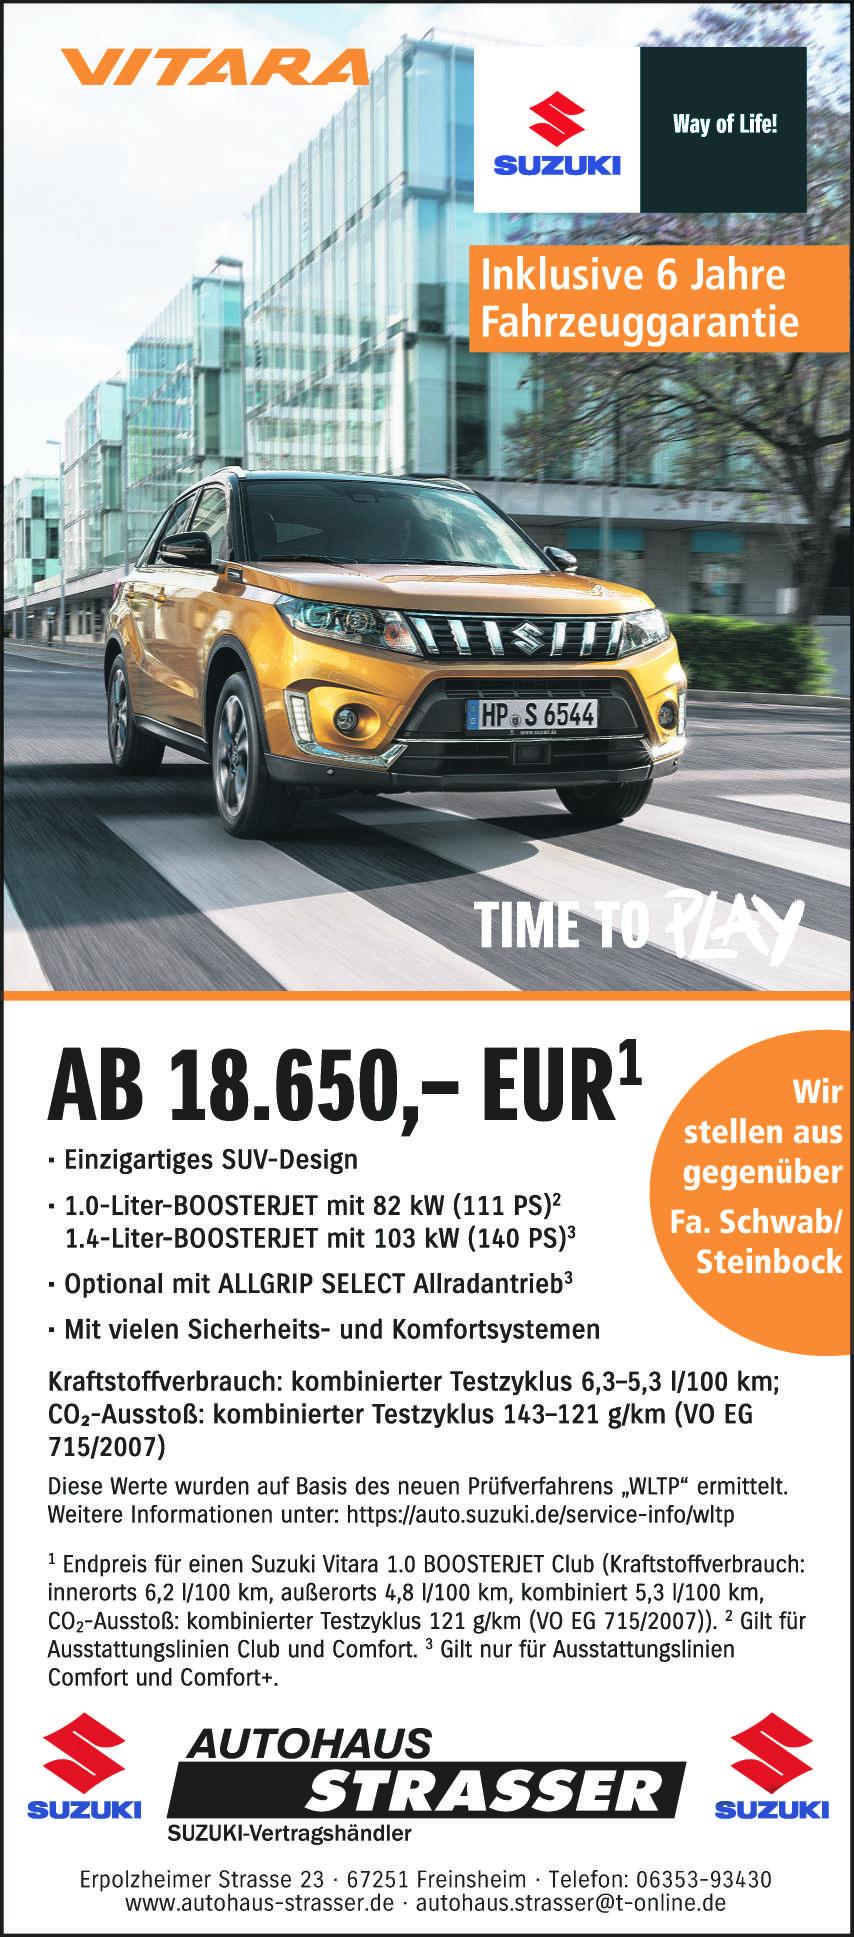 Autohaus Strasser